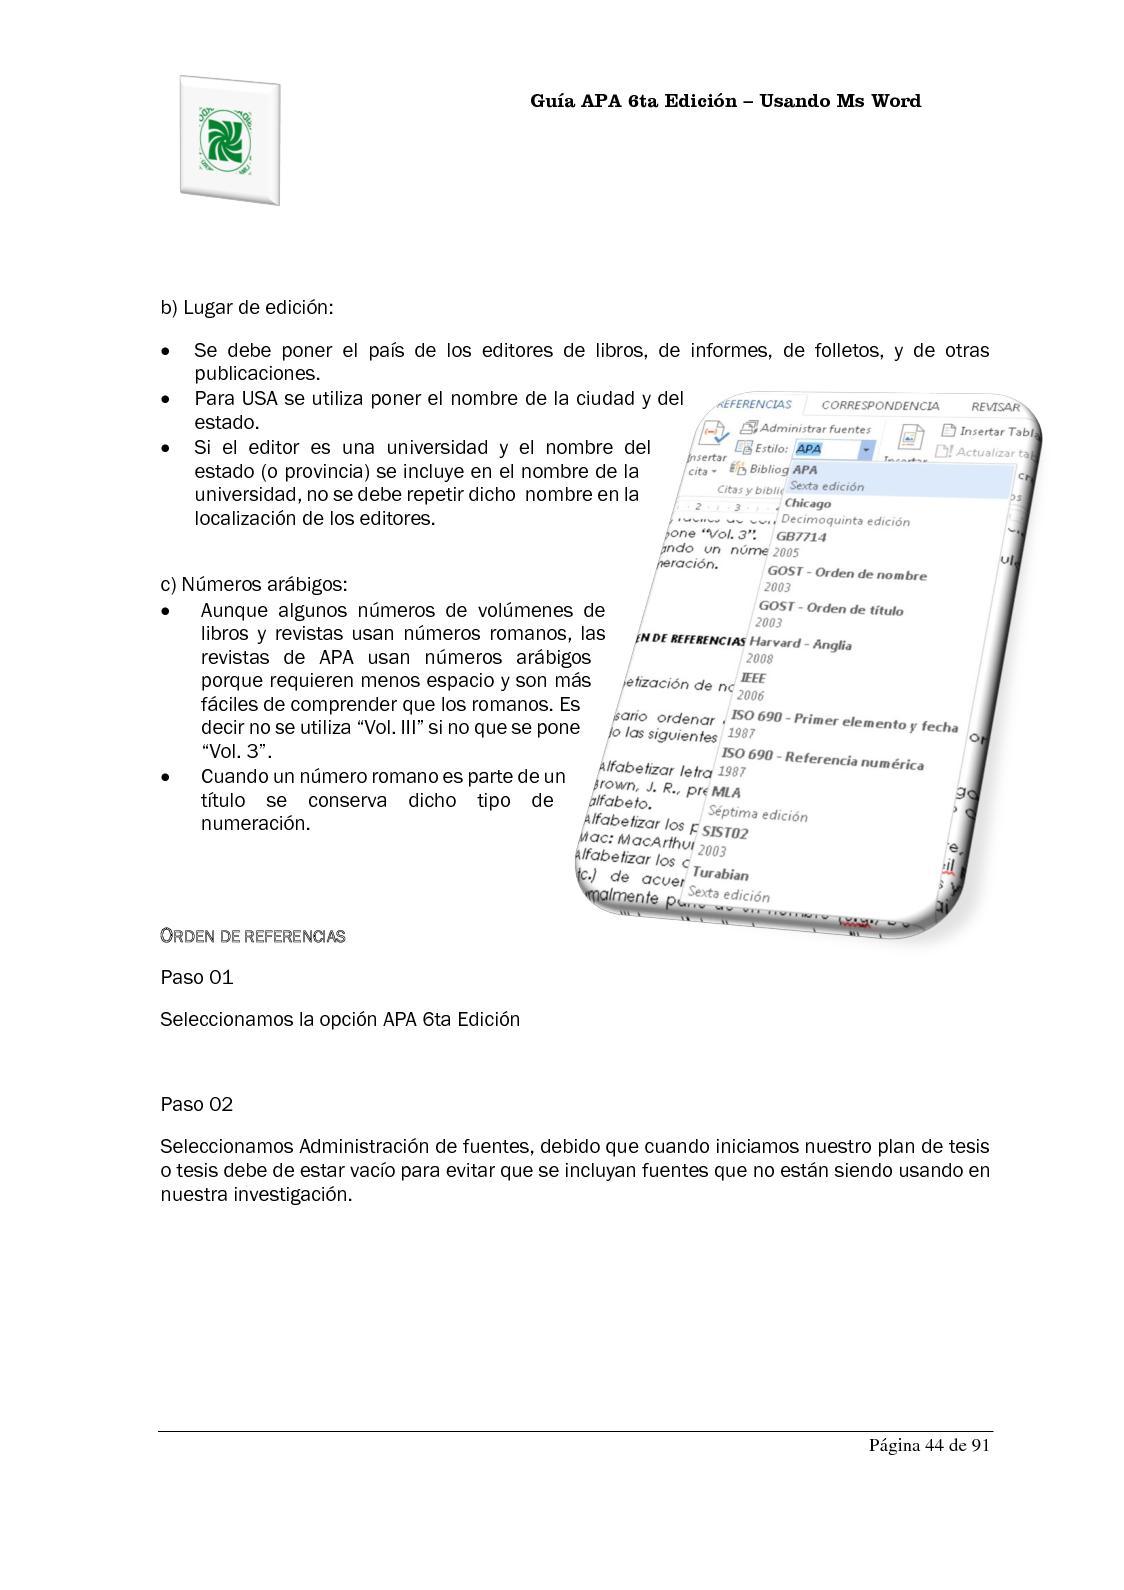 Atractivo Plantilla De La Página Principal De Apa Bandera - Ejemplo ...